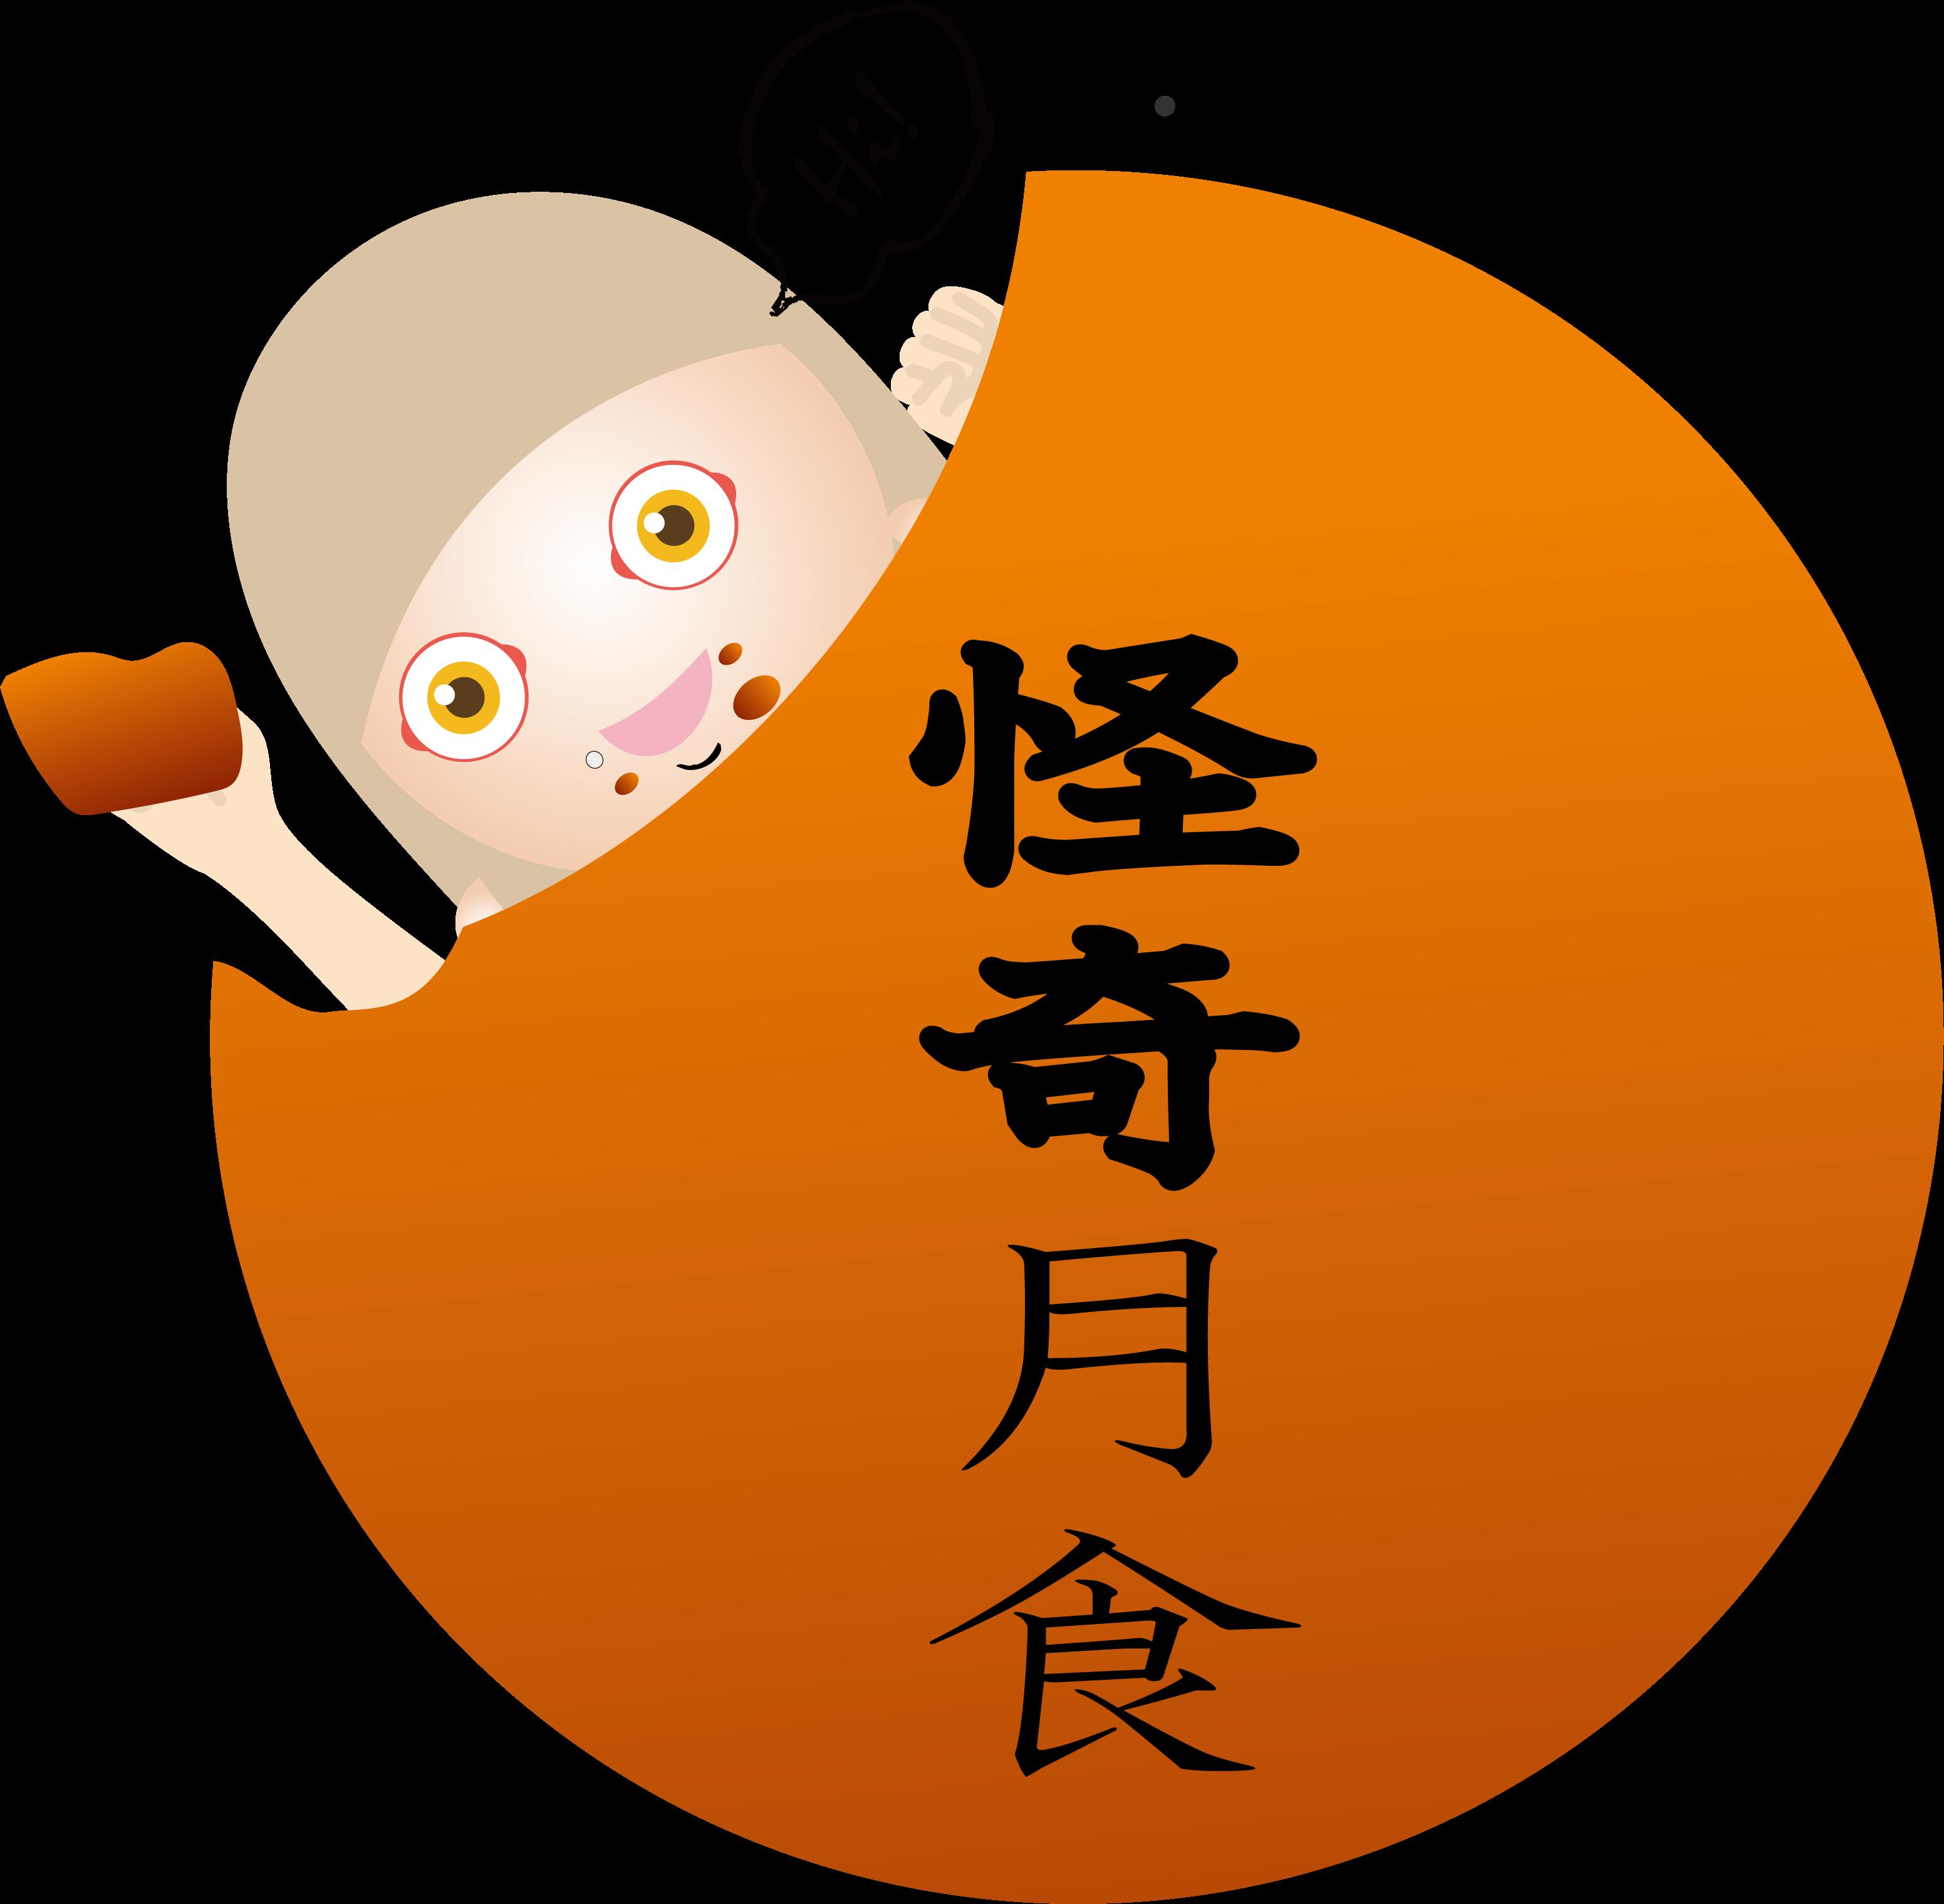 【ドラゲナイ】スーパームーン+ブルームーン+ブラッドムーン【こぉよいぃ~】